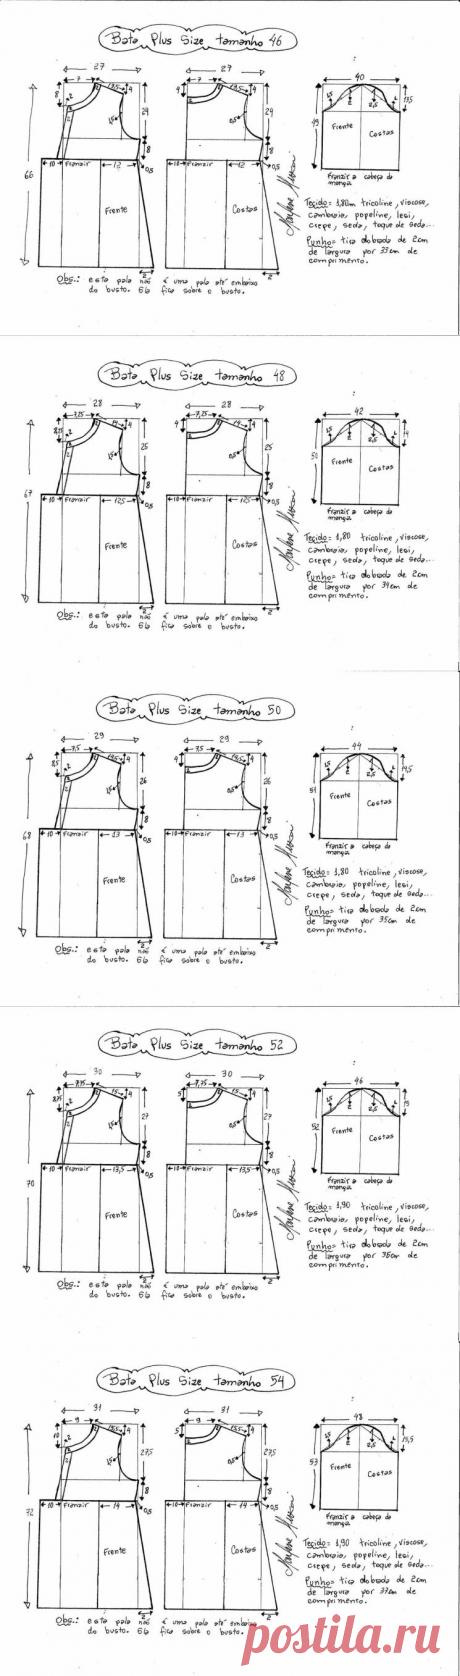 Выкройка блузки для полных женщин (Шитье и крой) — Журнал Вдохновение Рукодельницы